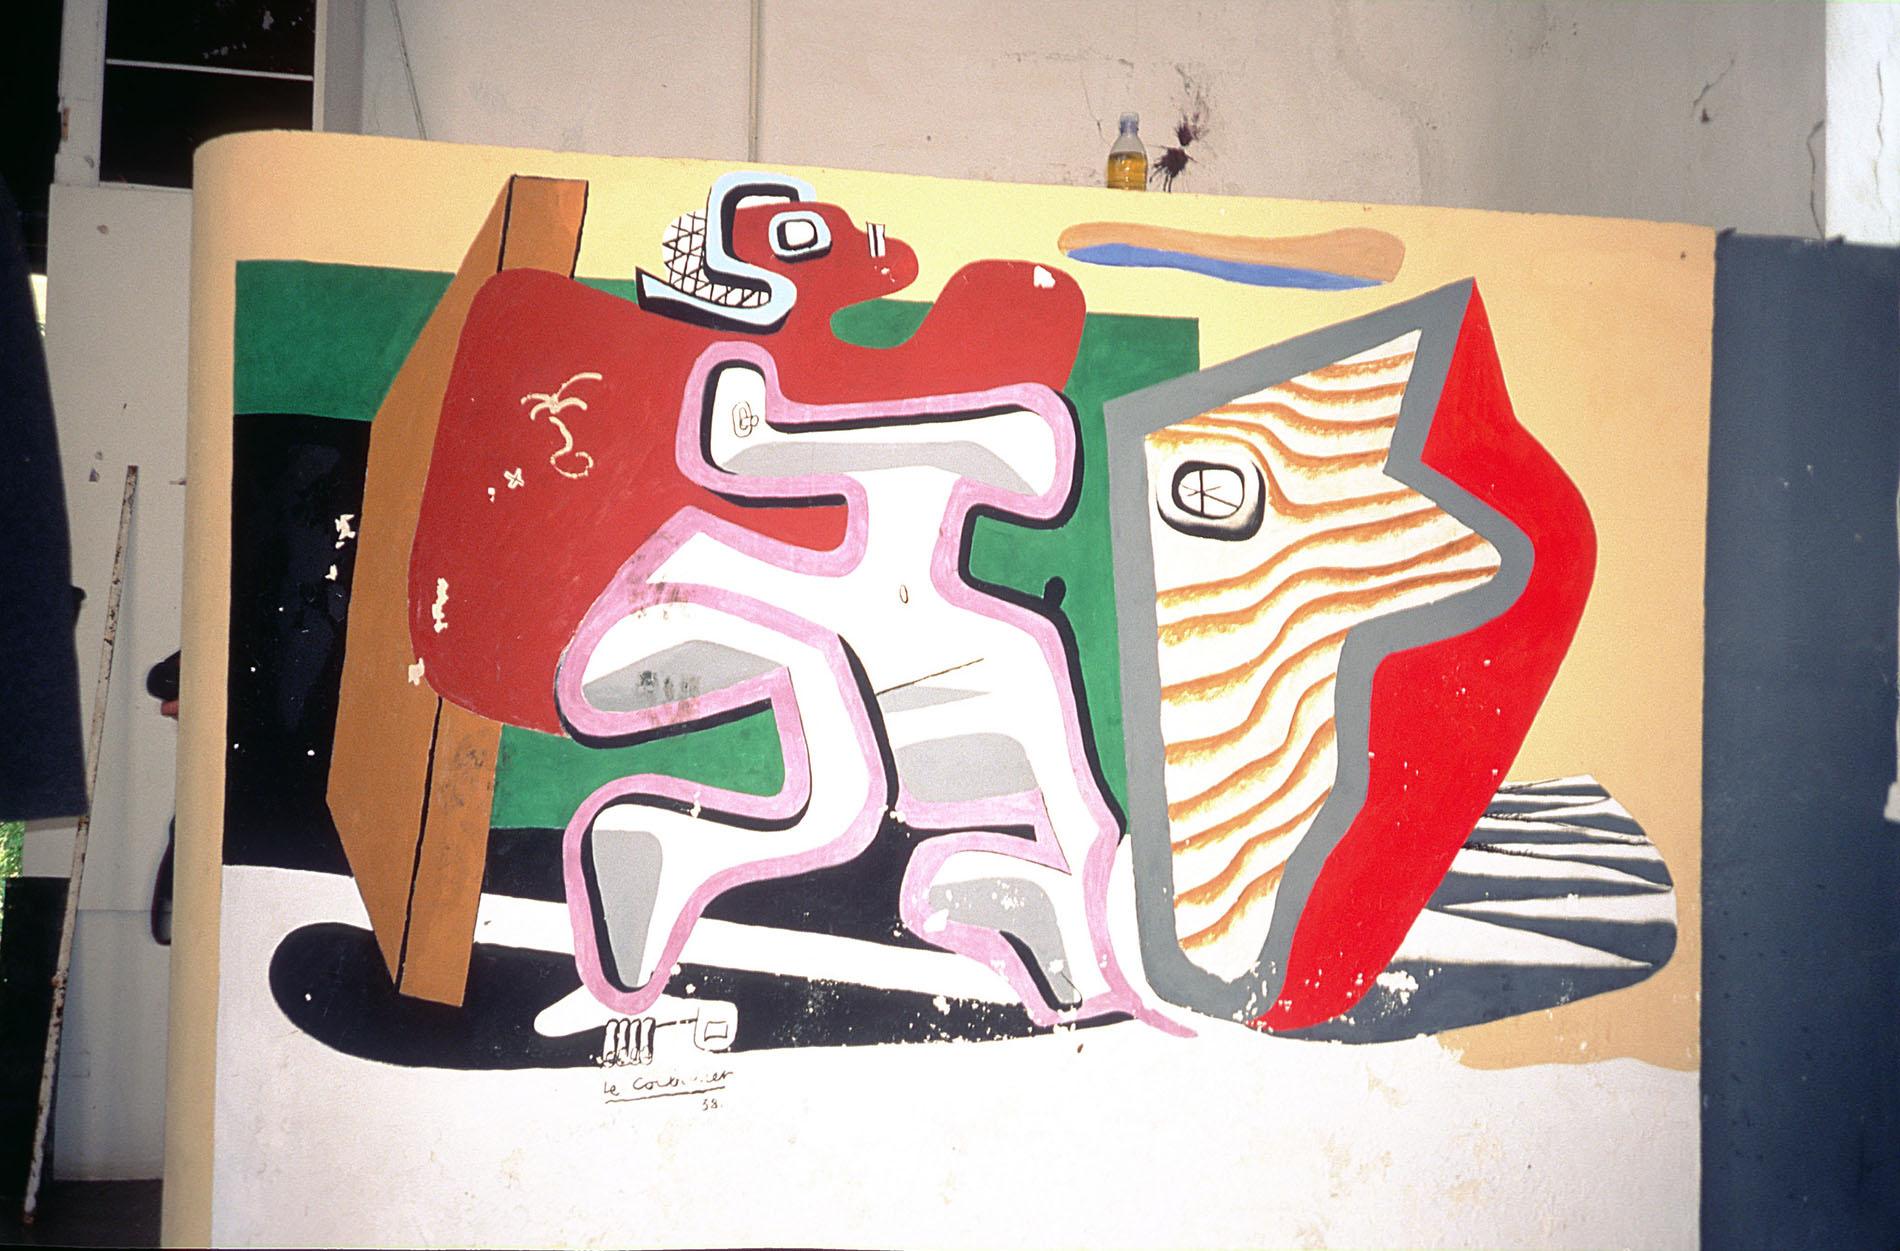 Med le Corbusiers tillagda väggmålningar i Eileen Grays villa E-1027 tar han över och förstör hennes viktigaste konstverk. Det övergreppet finns det ingen ursäkt för, skriver bloggaren.